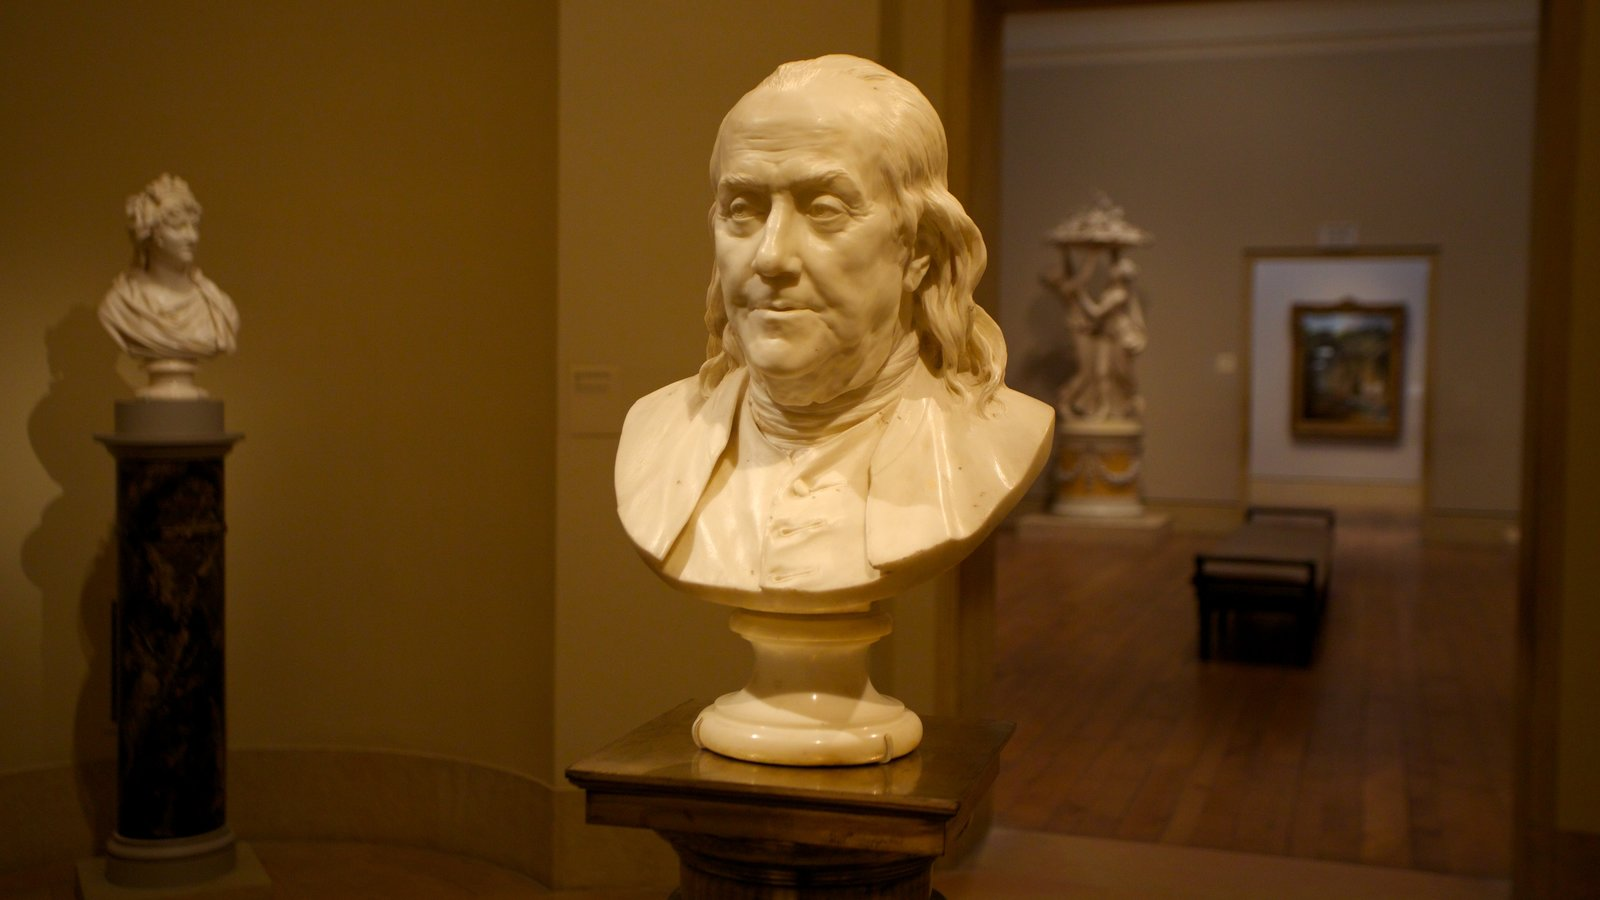 Philadelphia Museum of Art ofreciendo arte y vistas interiores